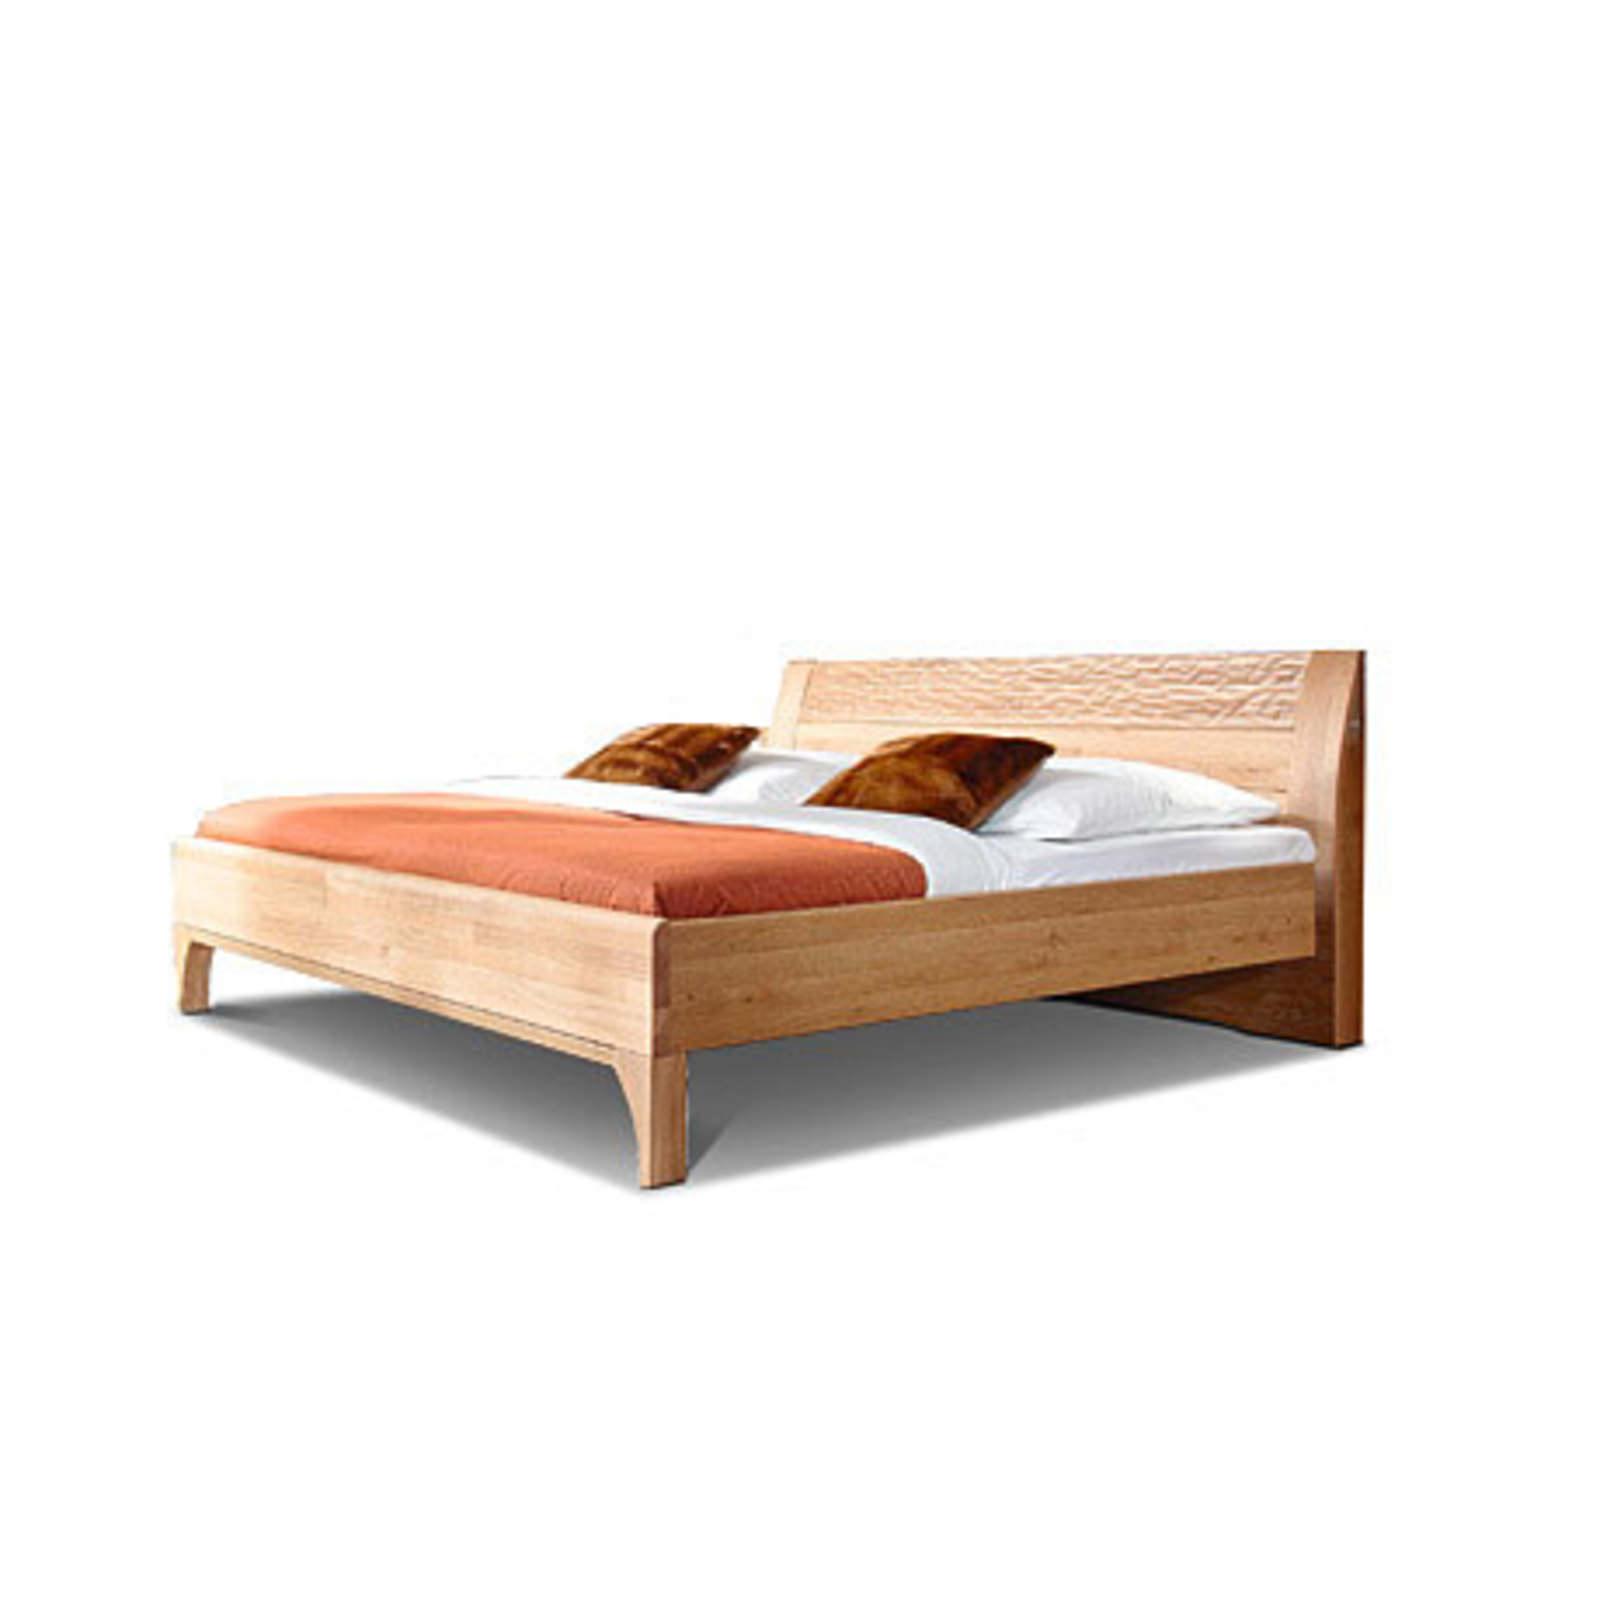 mondo futonbett 180x200 online entdecken schaffrath ihr m belhaus. Black Bedroom Furniture Sets. Home Design Ideas